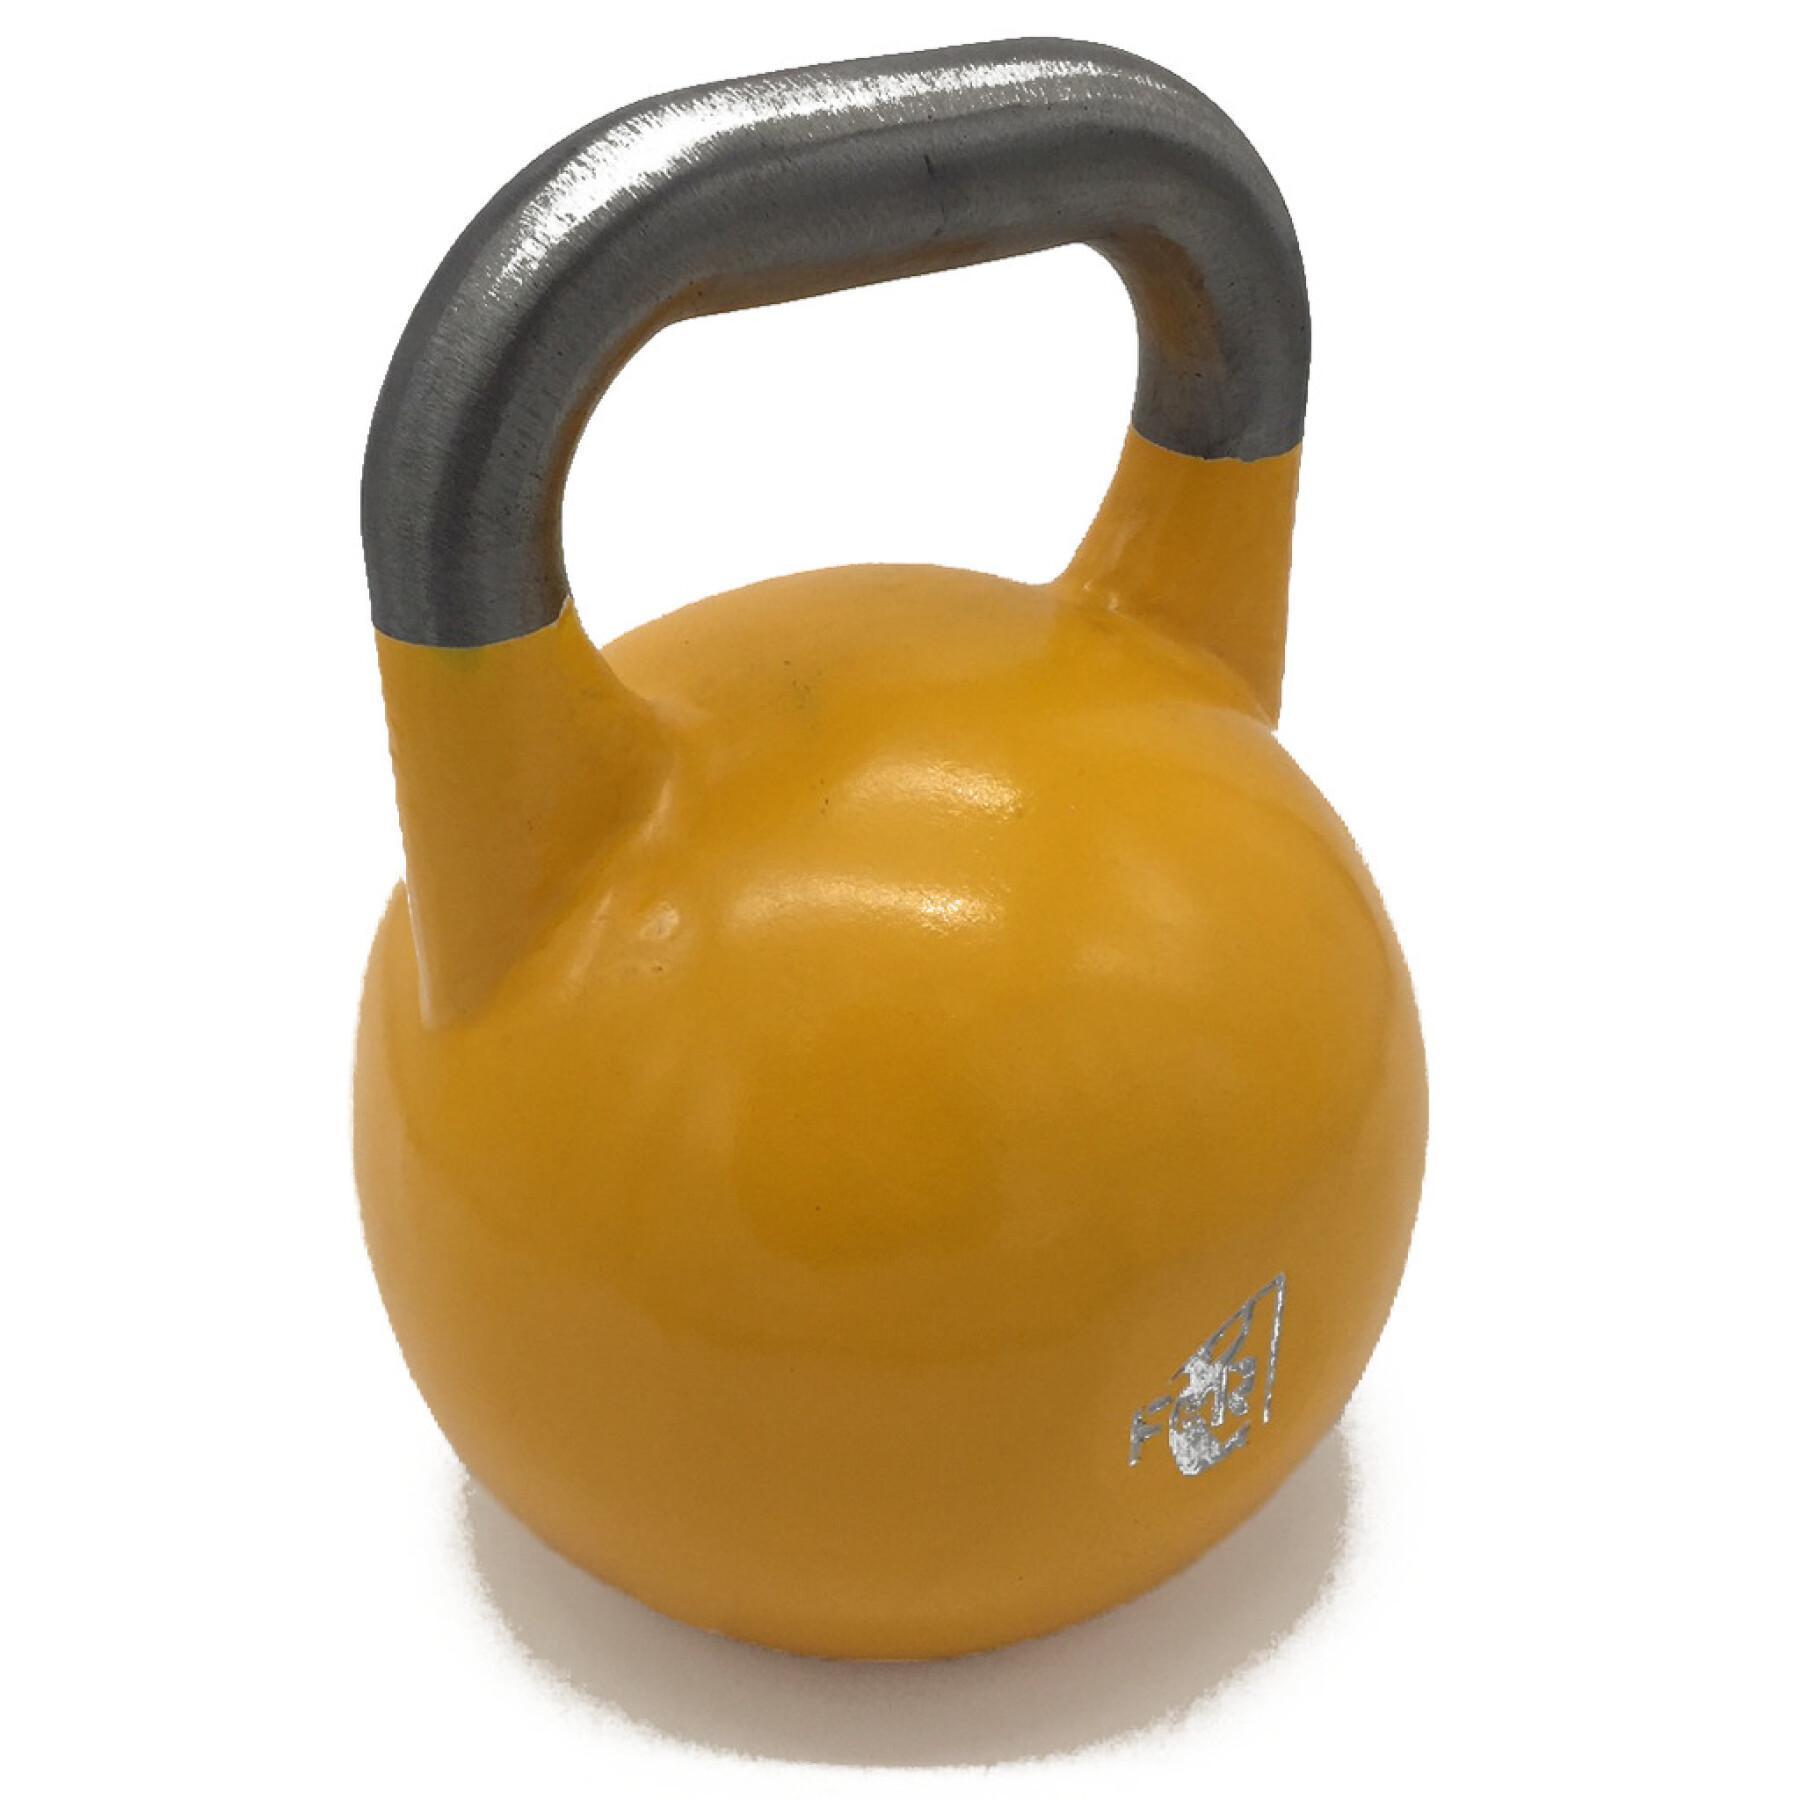 Kettlebel-Wettbewerb Fit & Rack 16kg